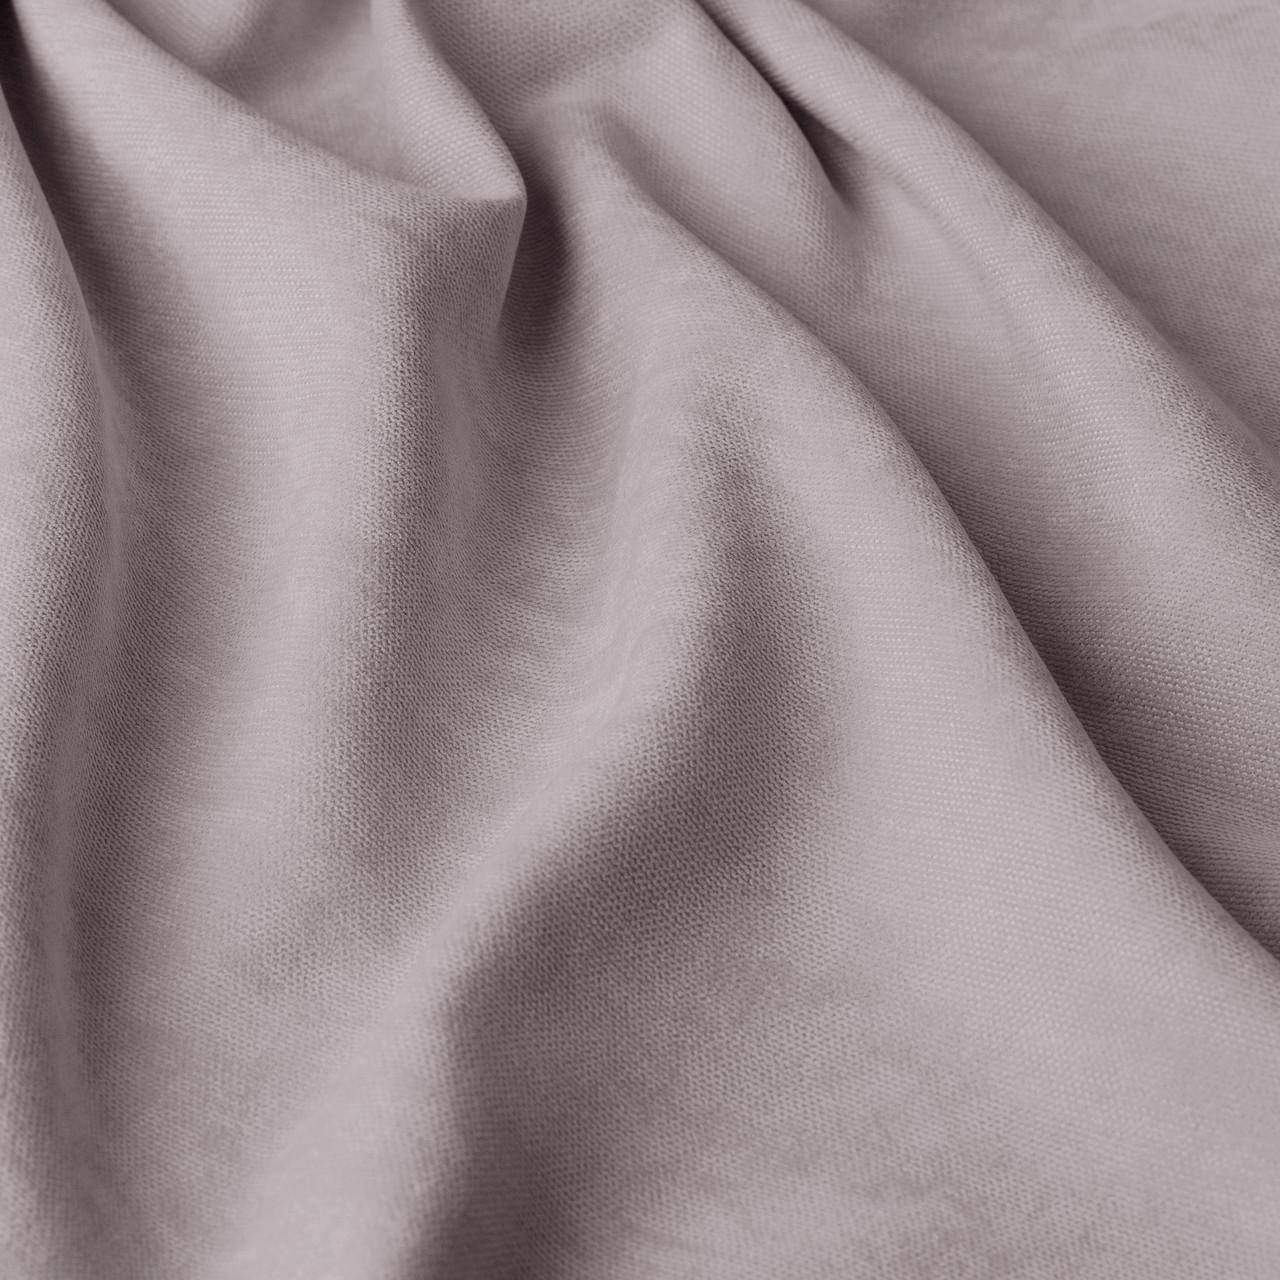 Однотонная декоративная ткань велюр бежевого цвета Турция 84436v47